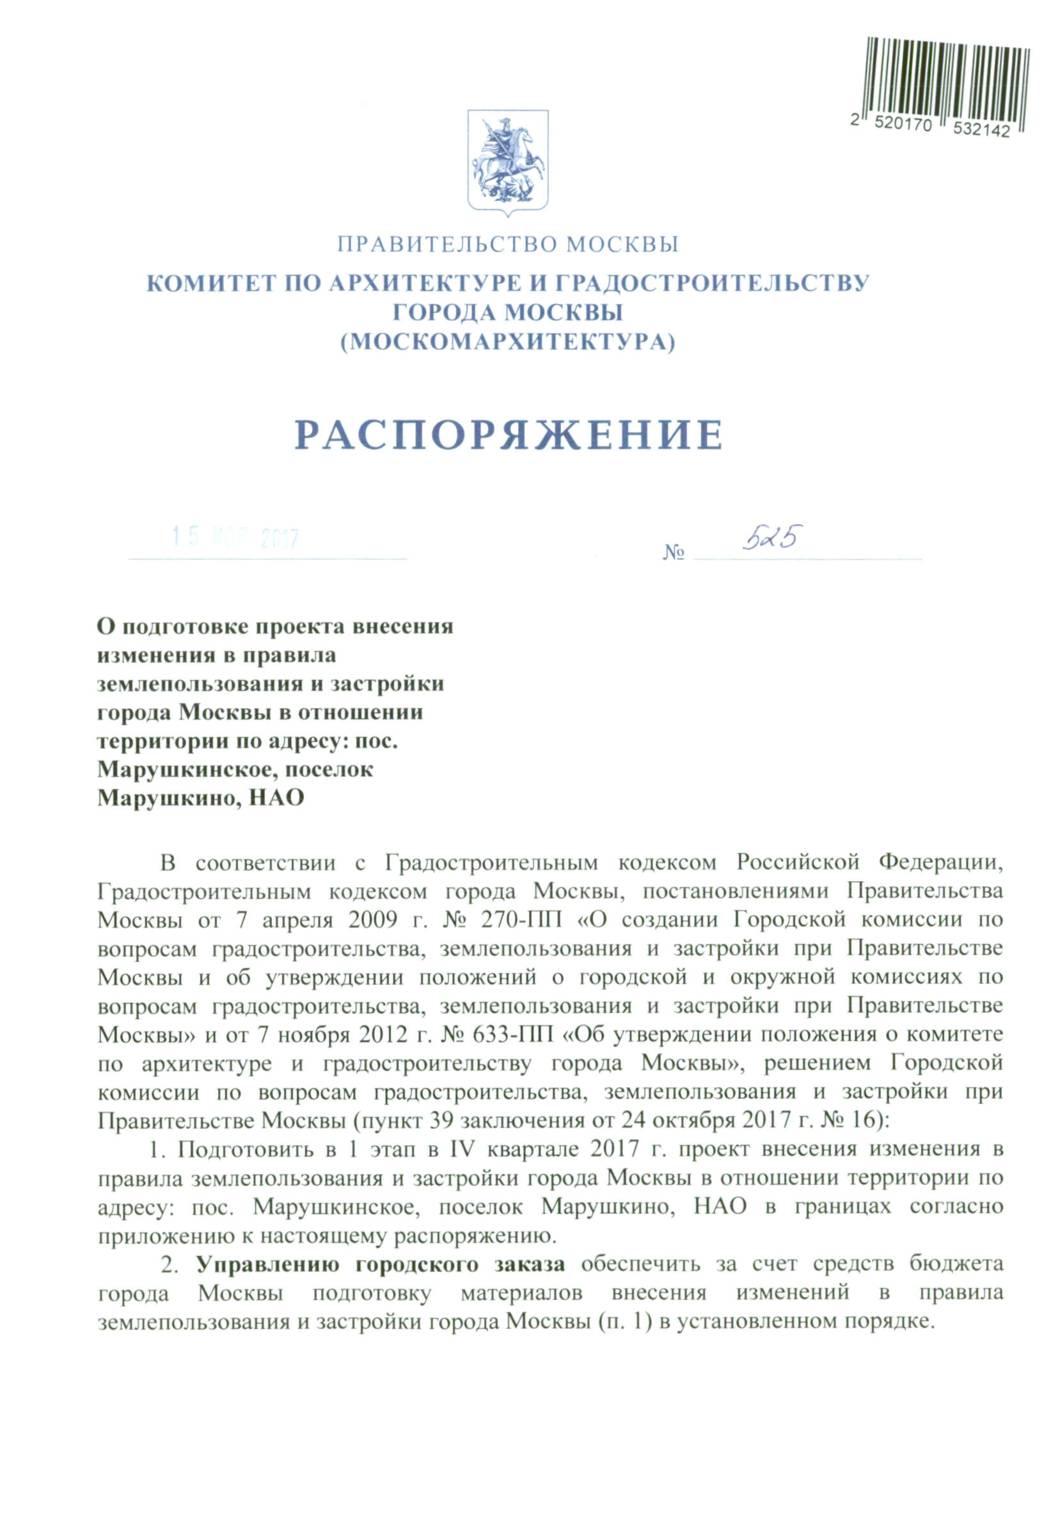 Распоряжение Москомархитектуры от 15.11.2017 № 525